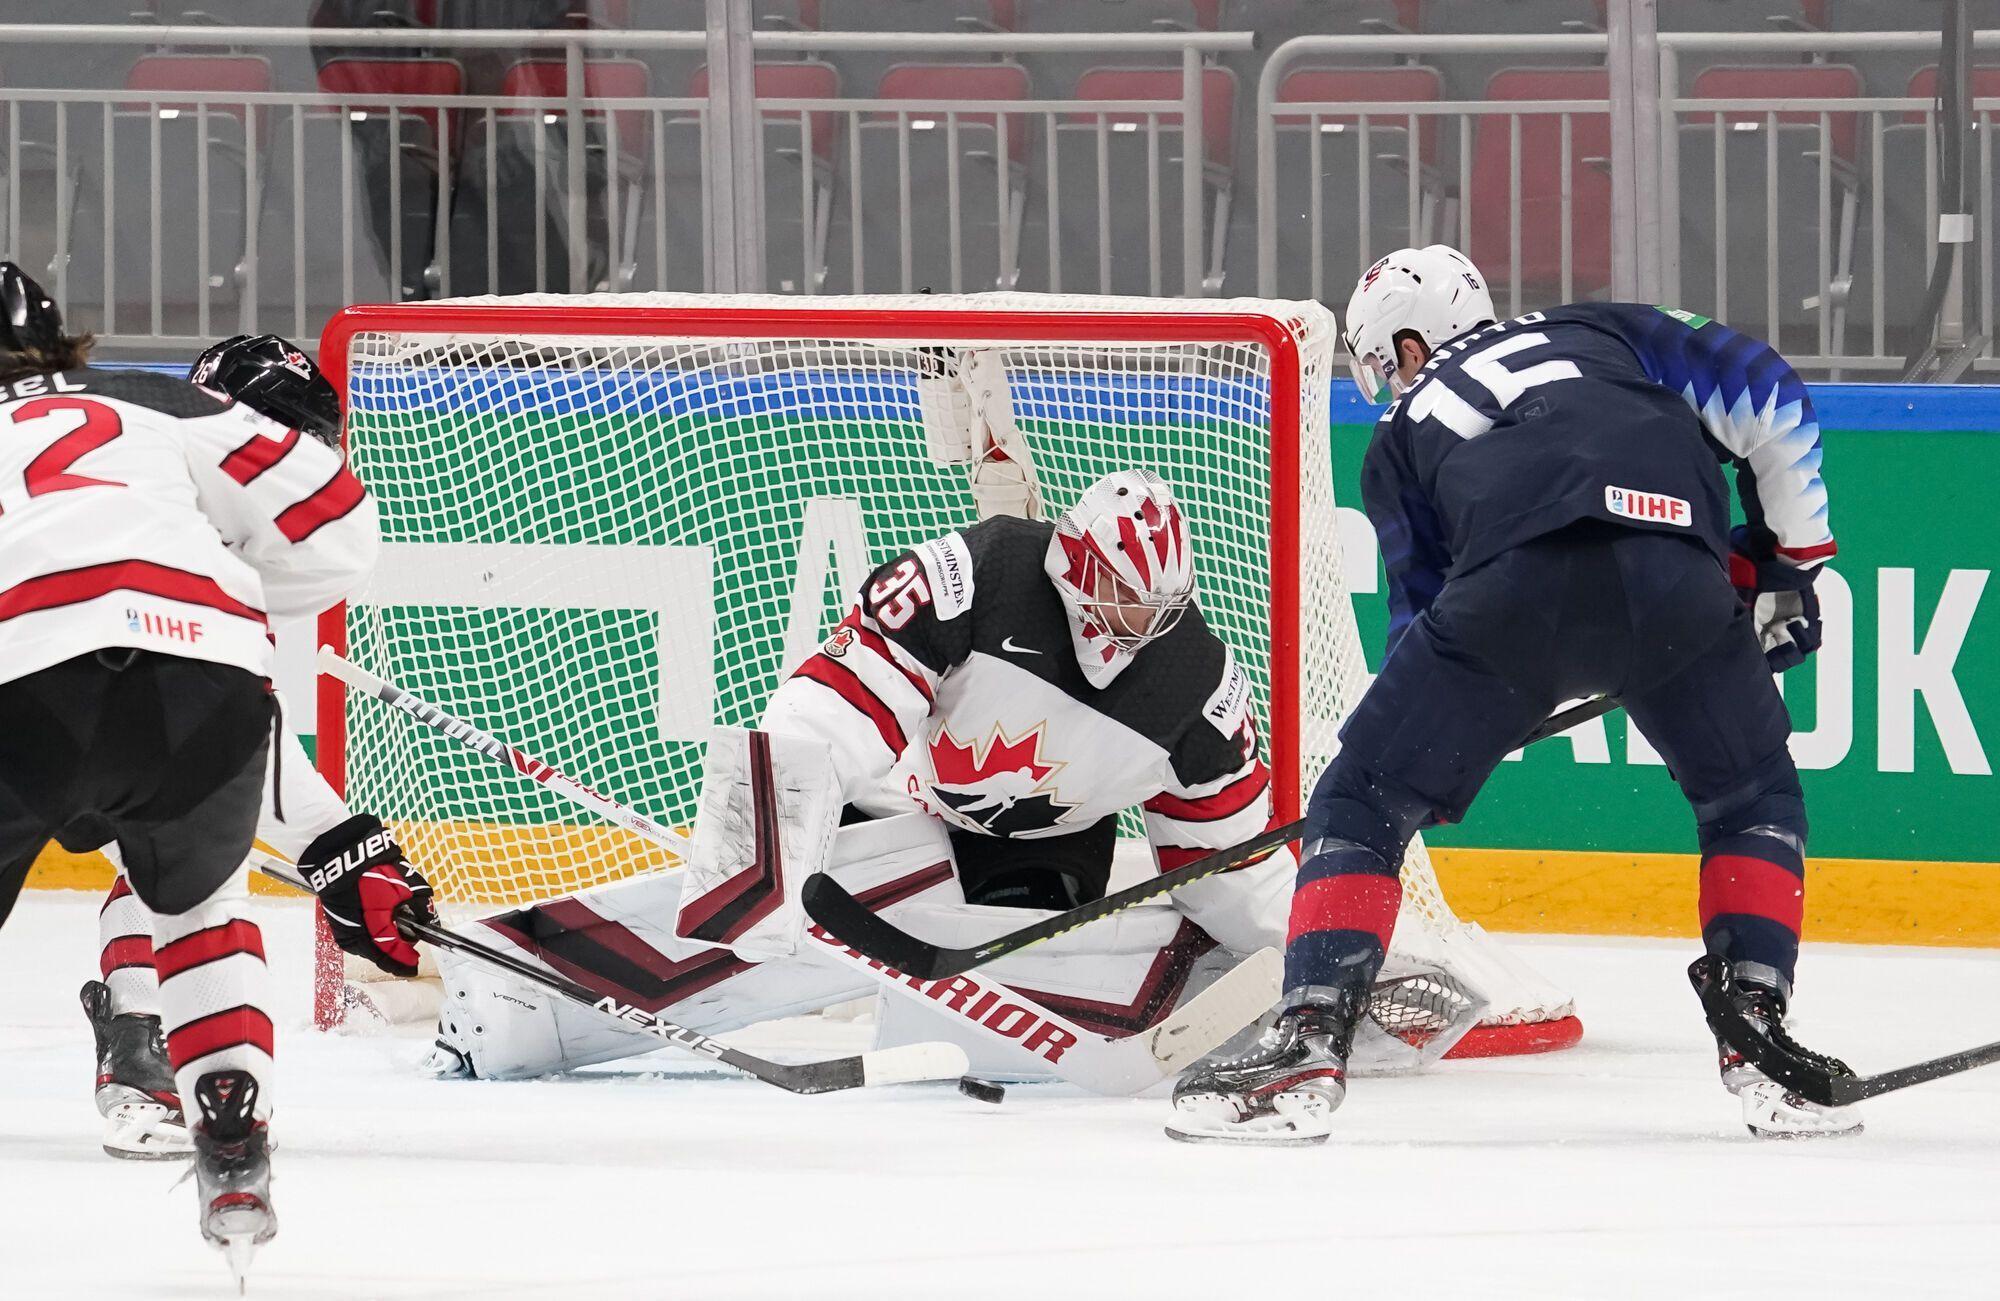 США забросили две шайбы в полуфинале Канаде.